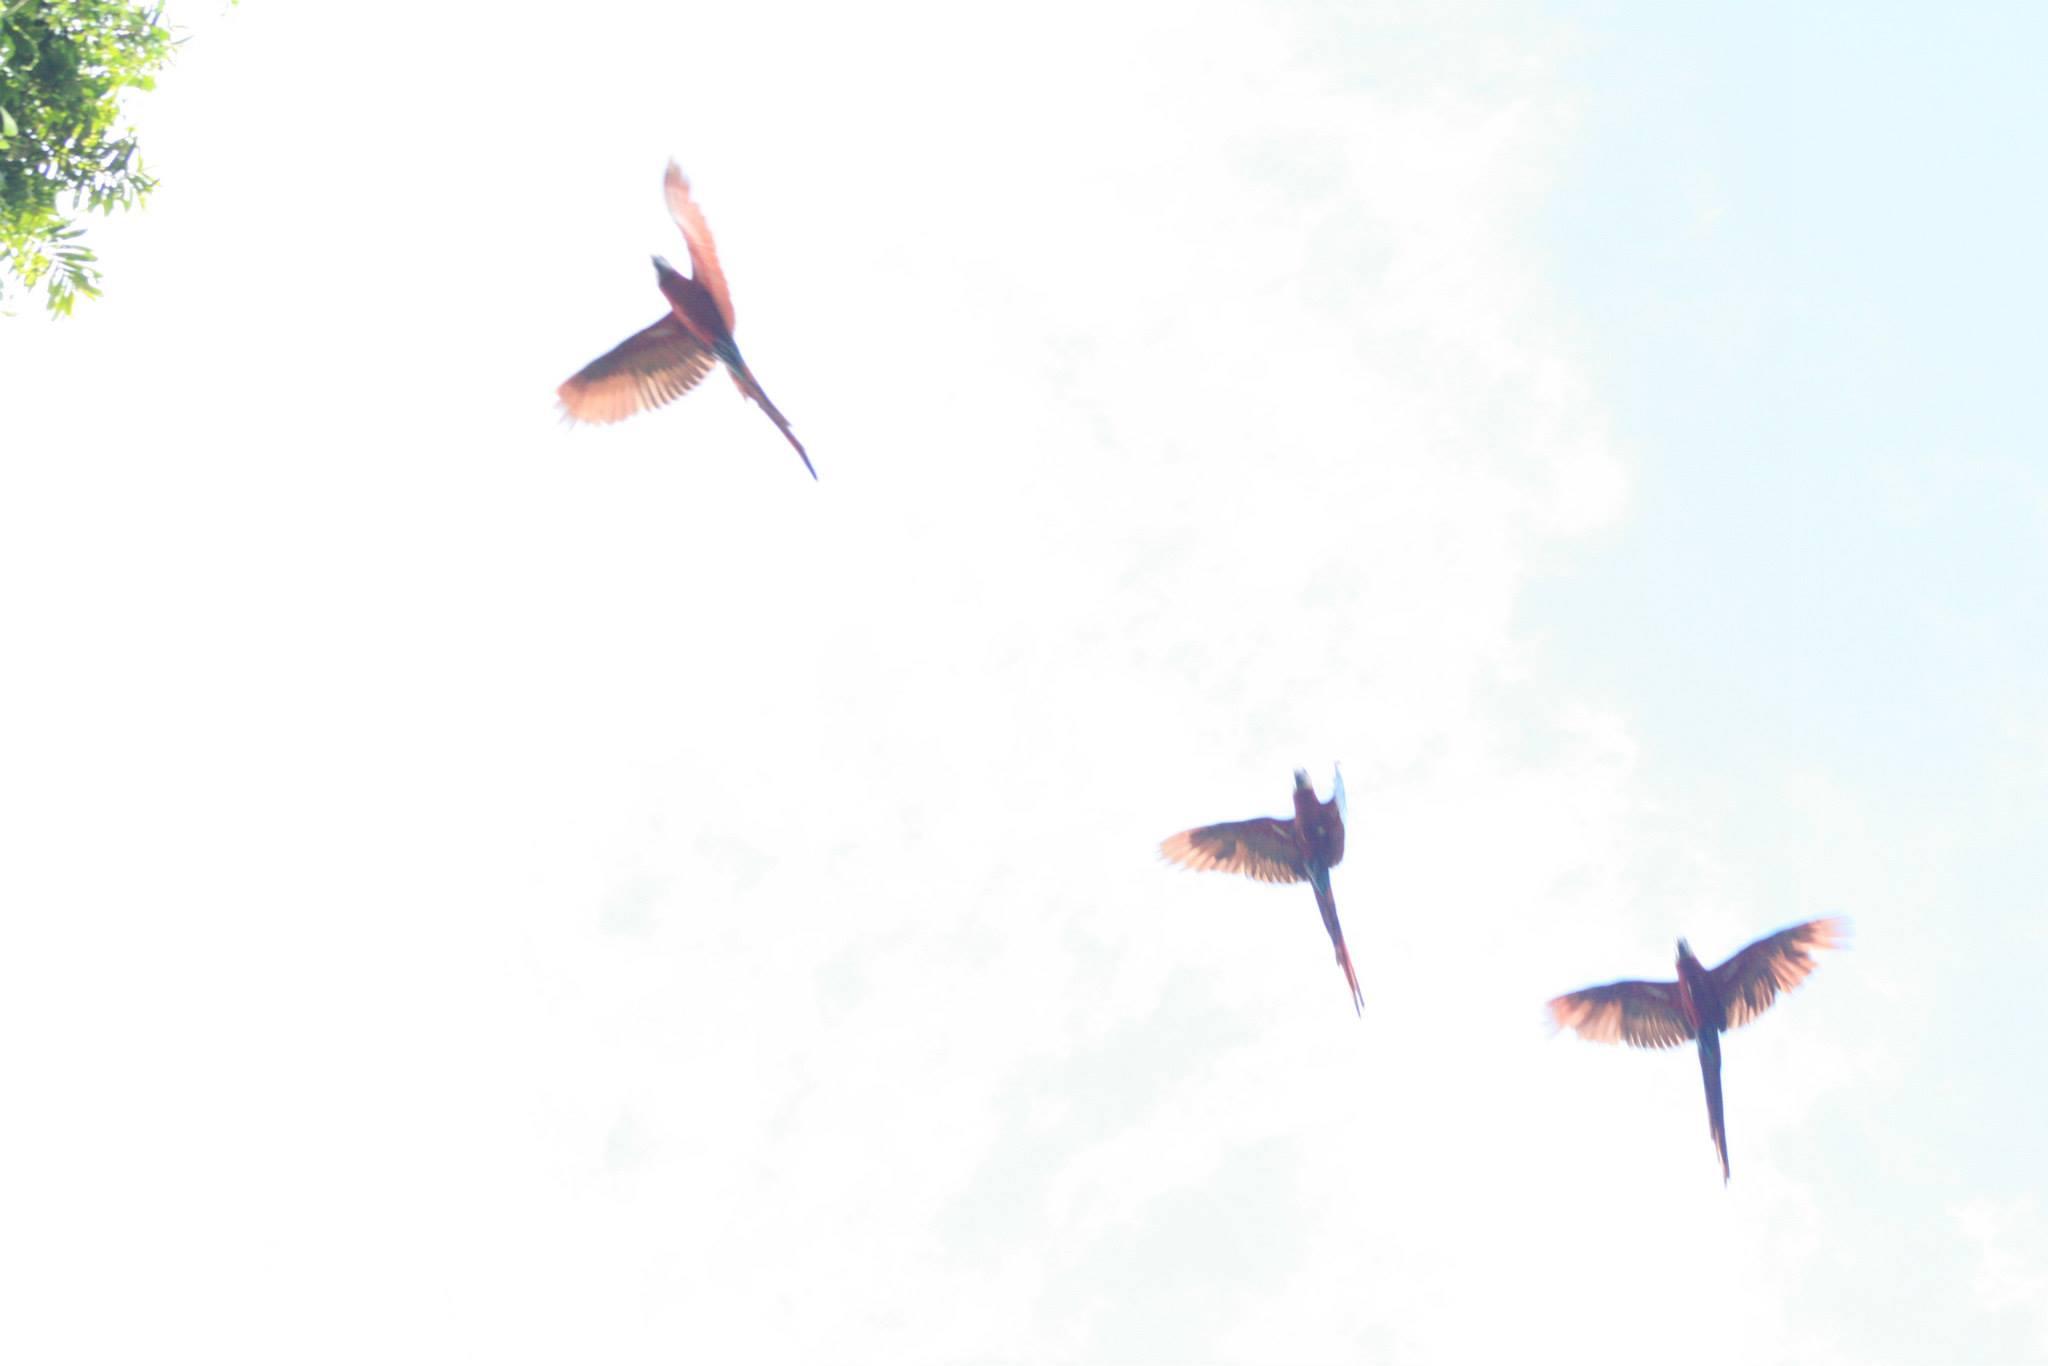 parrots in flight.jpg